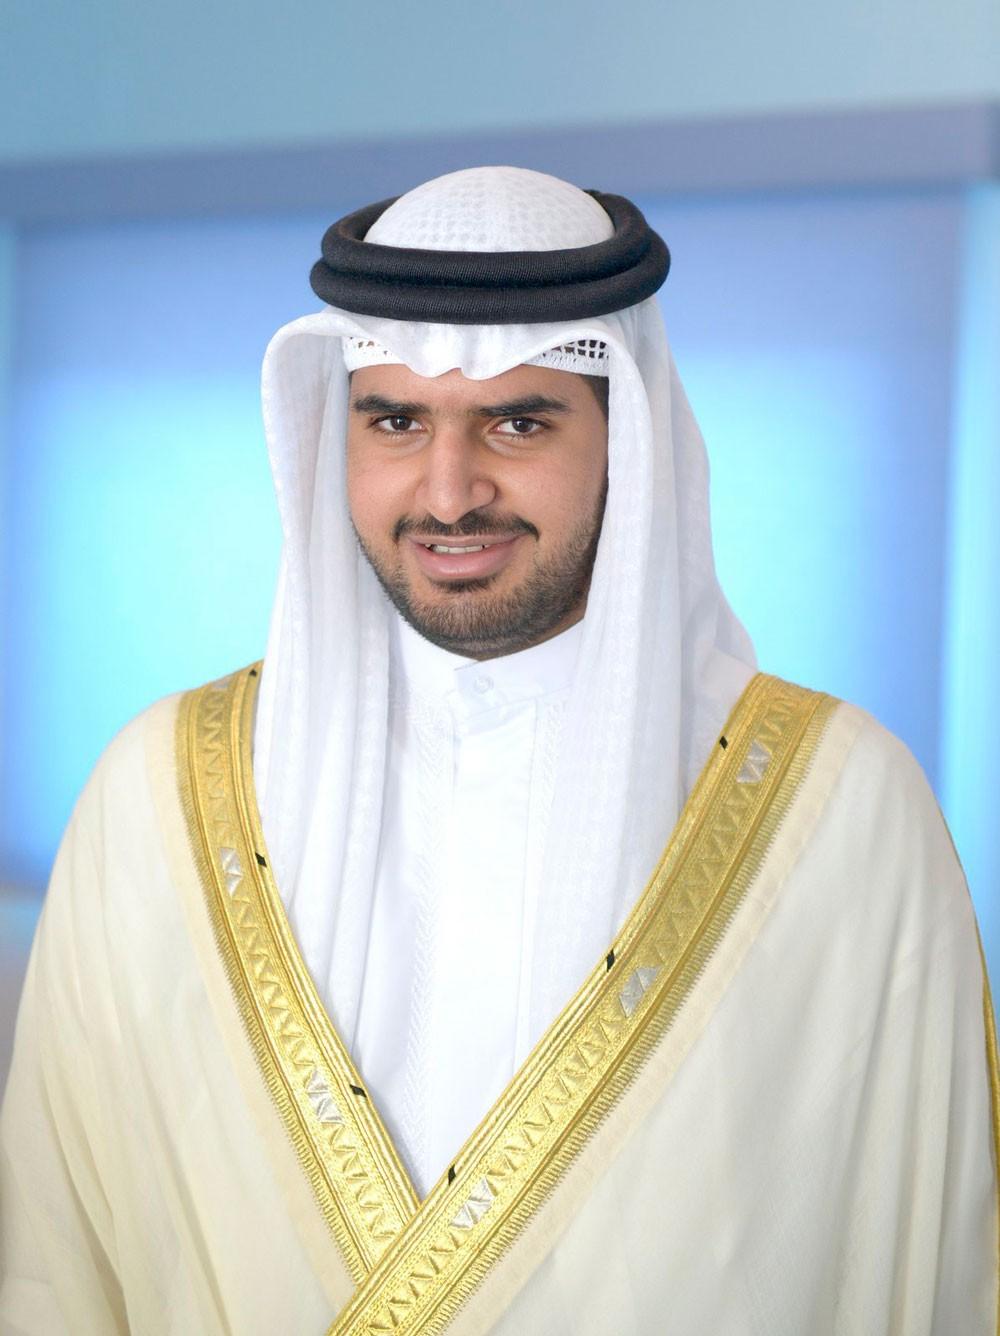 الجامعة العربية تستضيف جائزة عيسى بن علي للعمل التطوعي الخميس